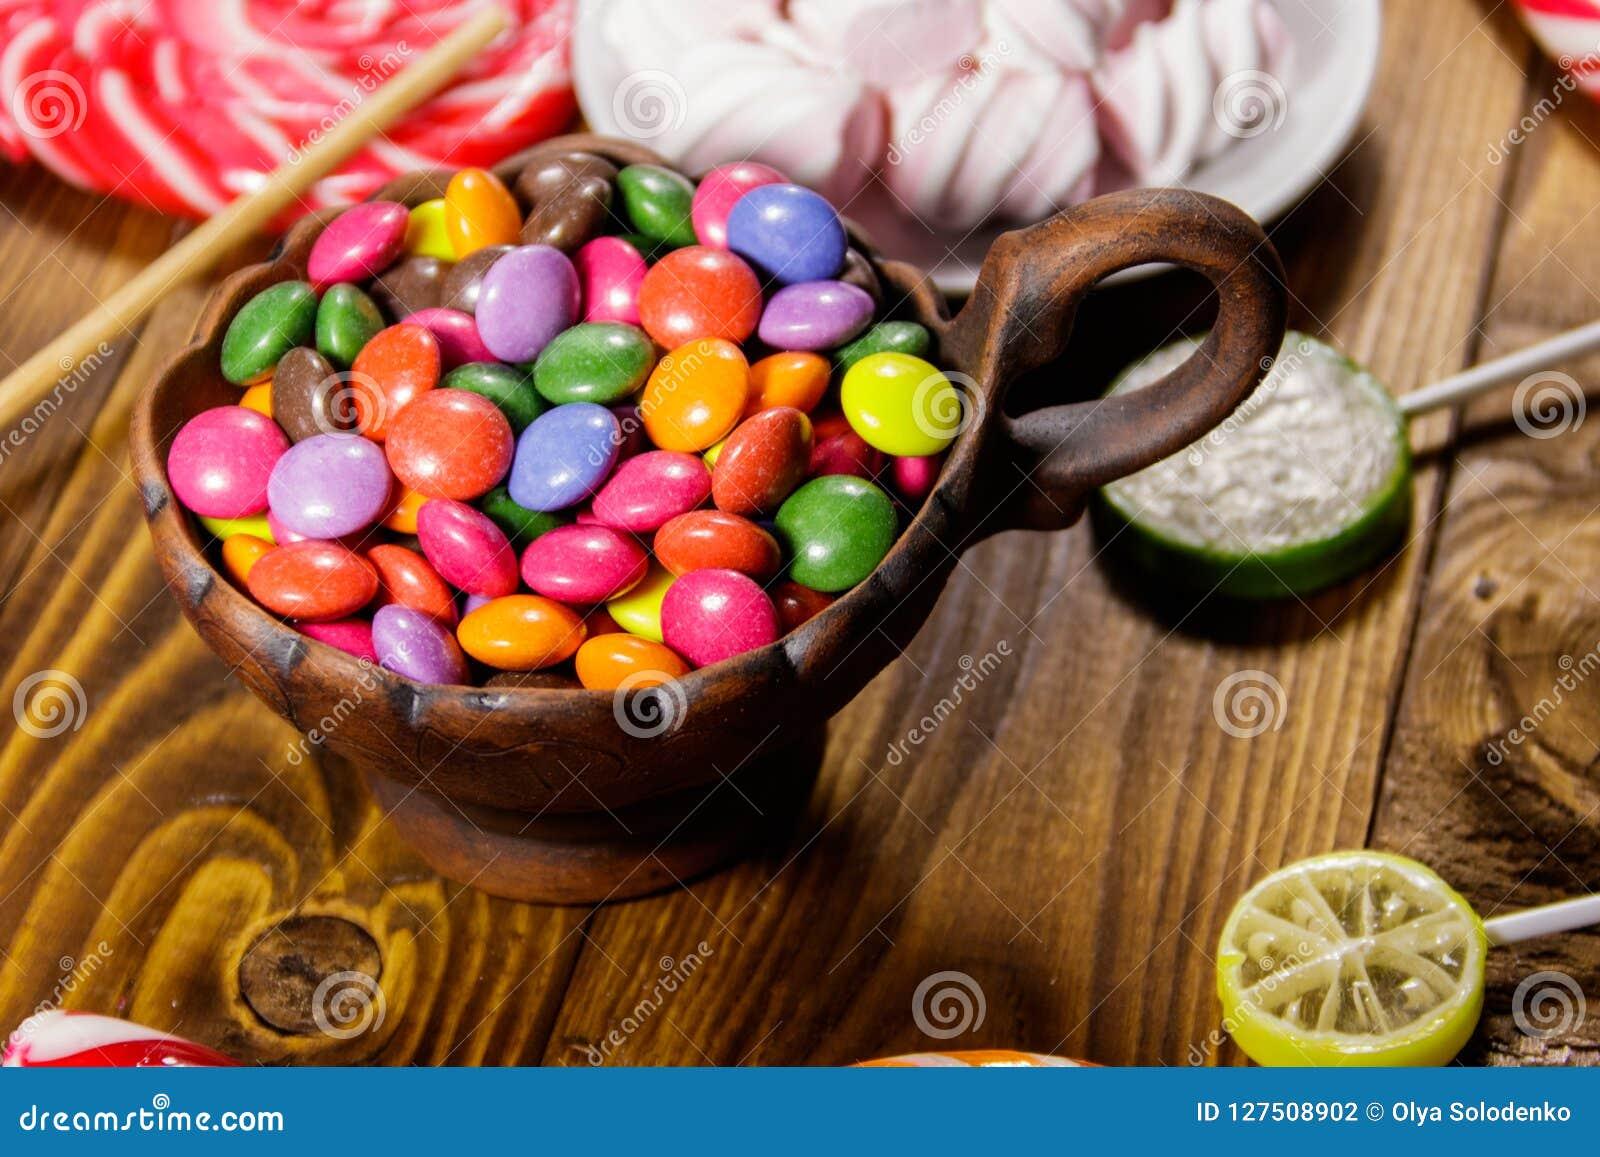 Bunter Knopf Formte Die Süßigkeiten, Die Mit Schokolade In Der Keramischen  Schüssel Auf Holztisch Gefüllt Wurden